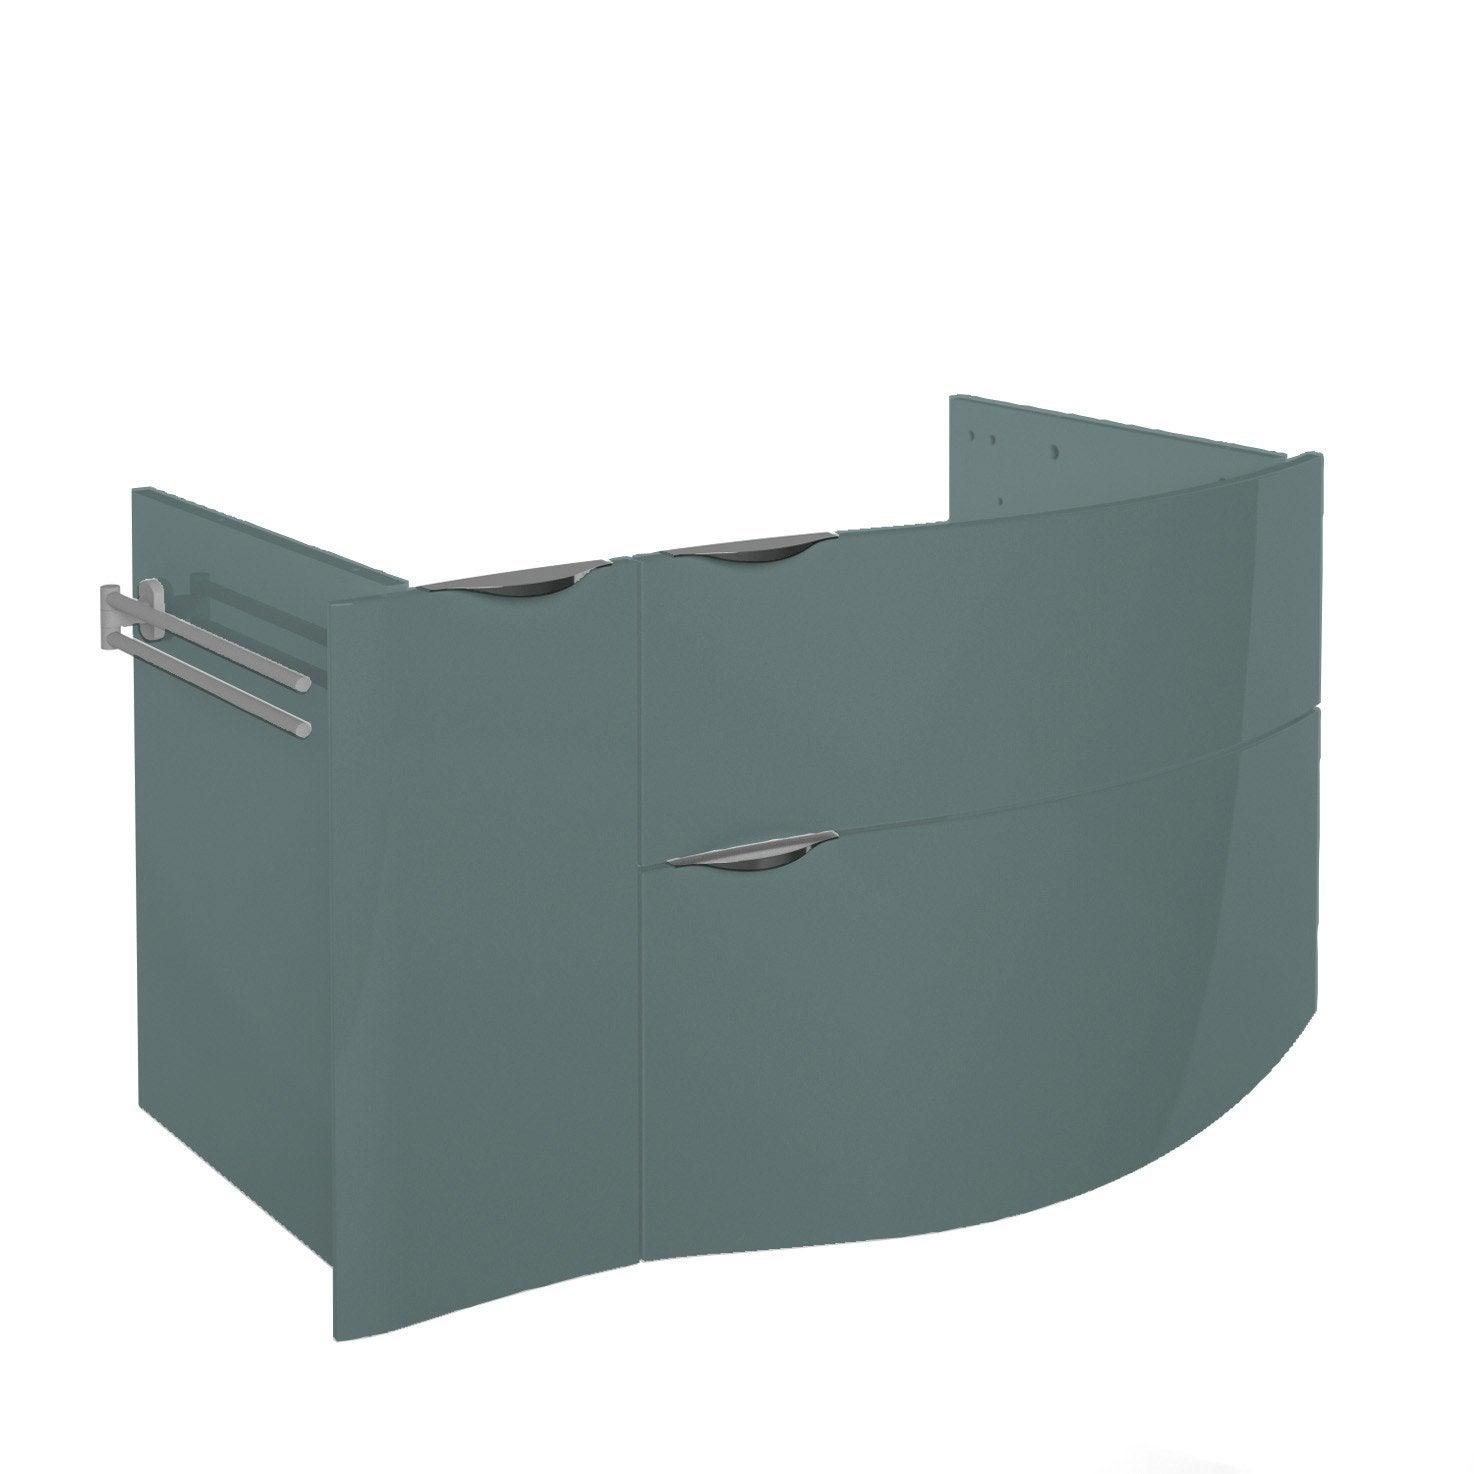 Meuble sous vasque x x cm vert for Meuble sous vasque 100 cm